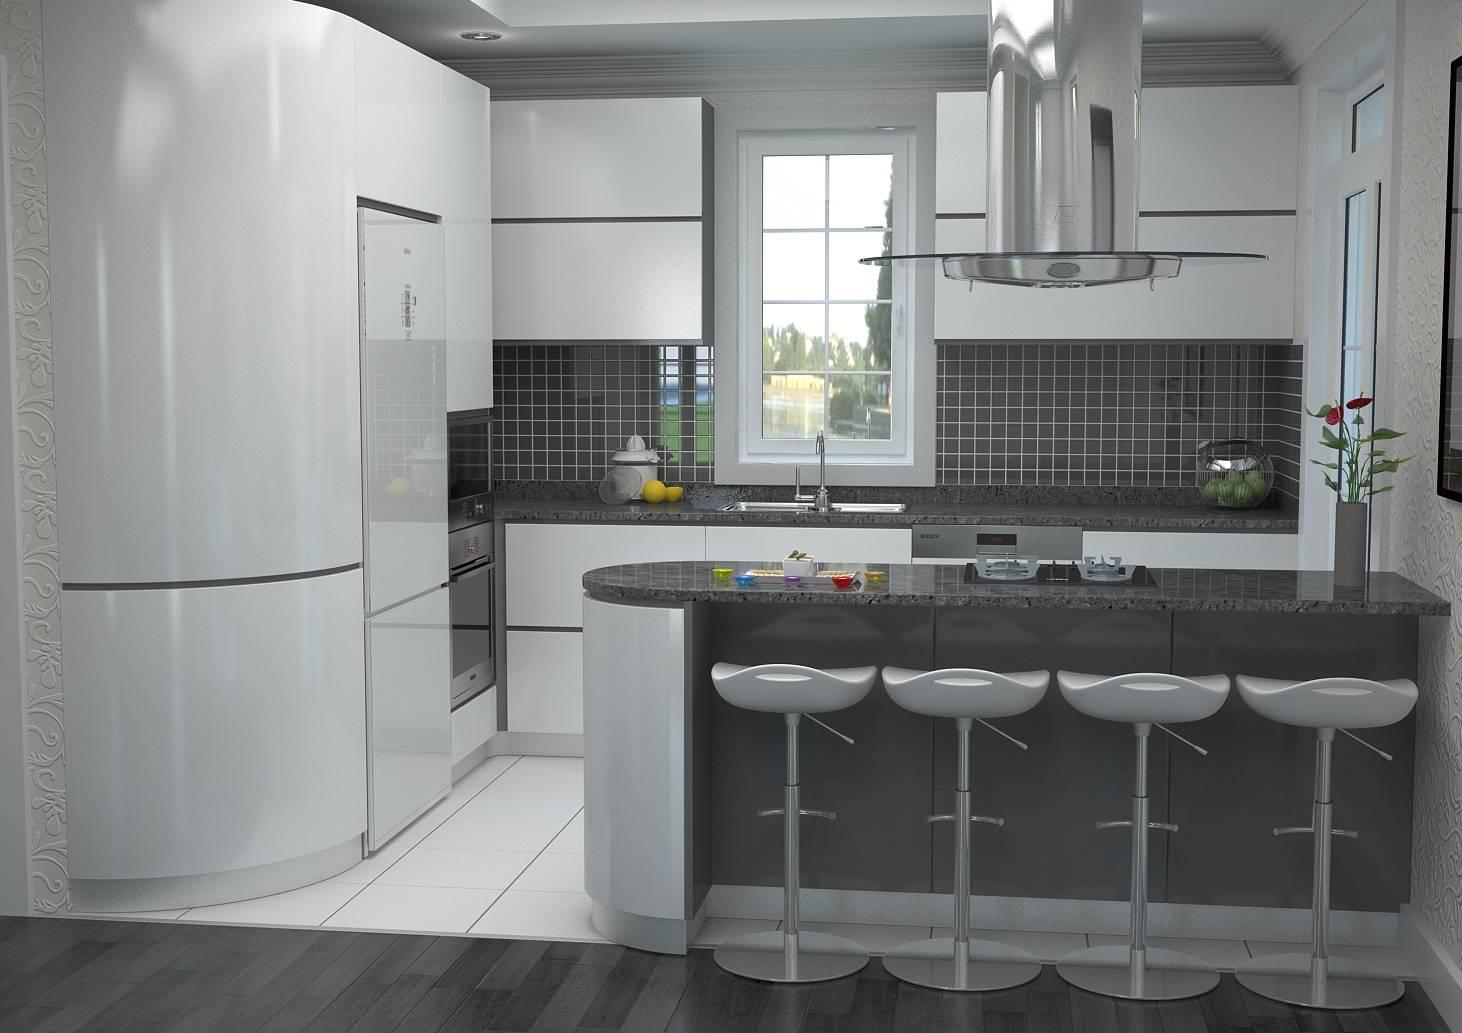 Mod le cuisine am ricaine am nag e tout sur la cuisine et le mobilier cuisine - Modele cuisine amenagee ...